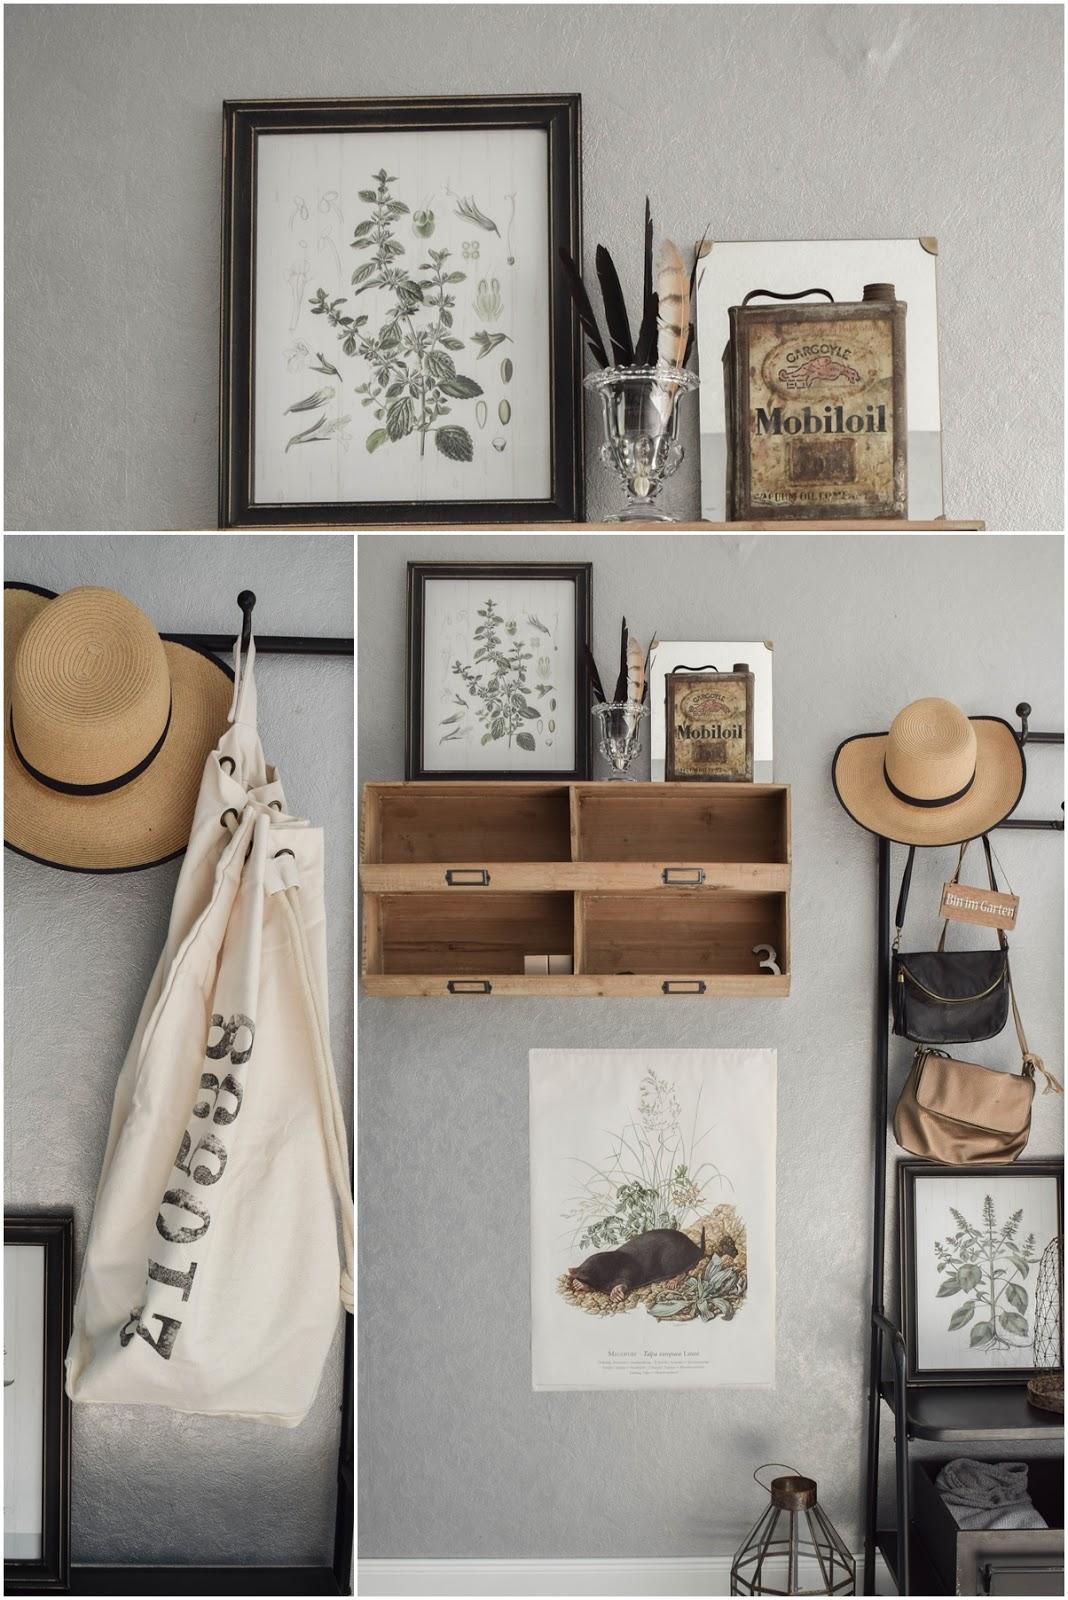 Garderobe Diele Flur Eingangsbereich Deko Dekoidee Interior Einrichtung WENKO Wäschesammler Wäschesack Aufbewahrung Werbung 3